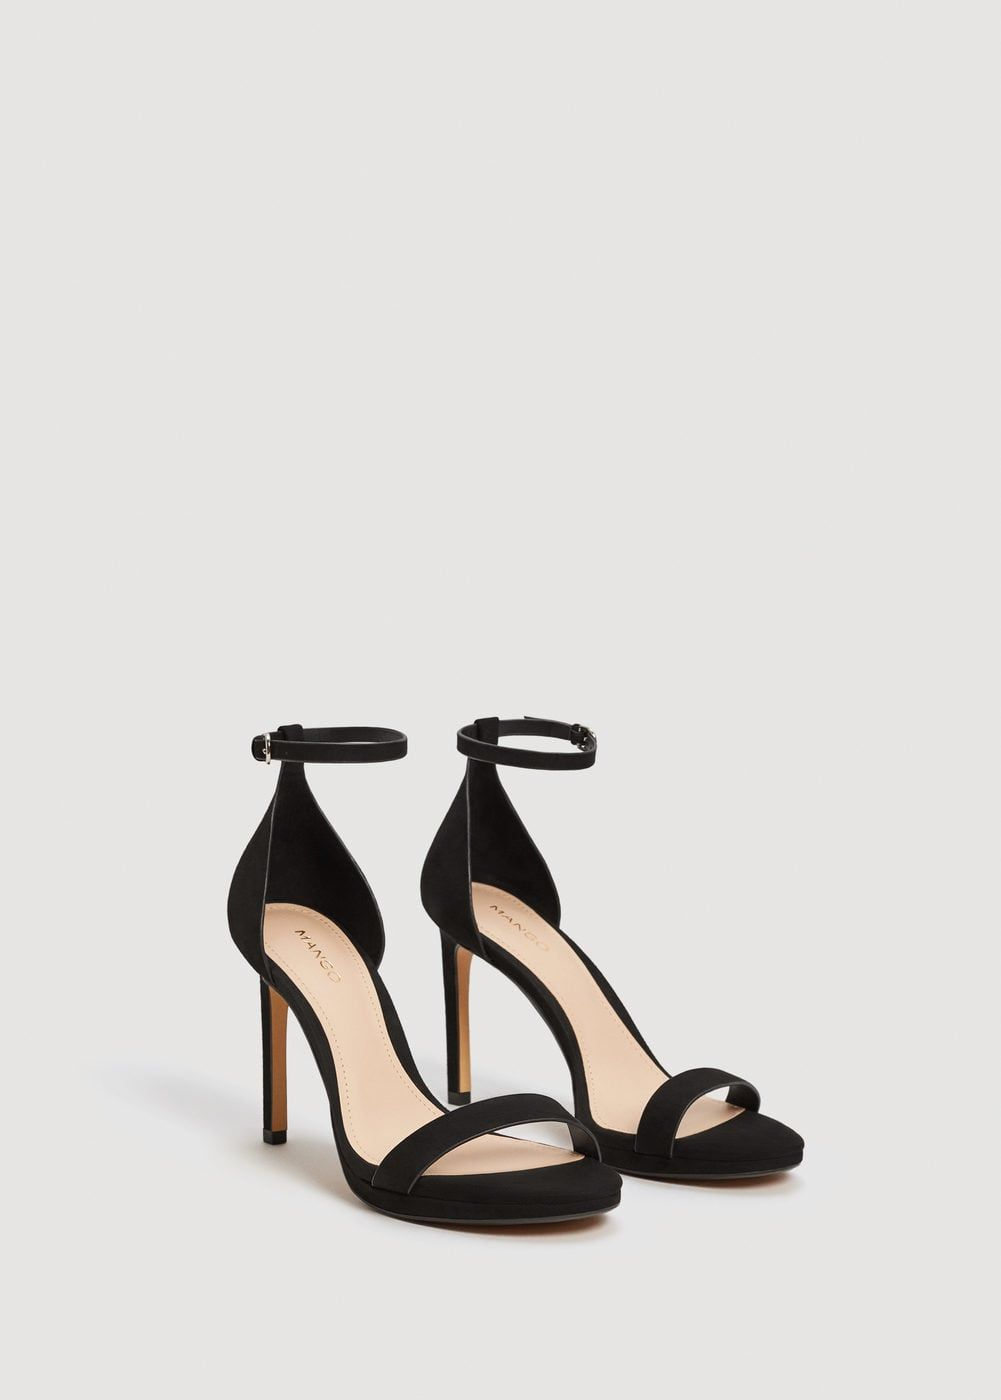 11b48901 Sandalia pulsera tobillo - Zapatos de Mujer | C@LZaDo ✓ | Pulseras ...